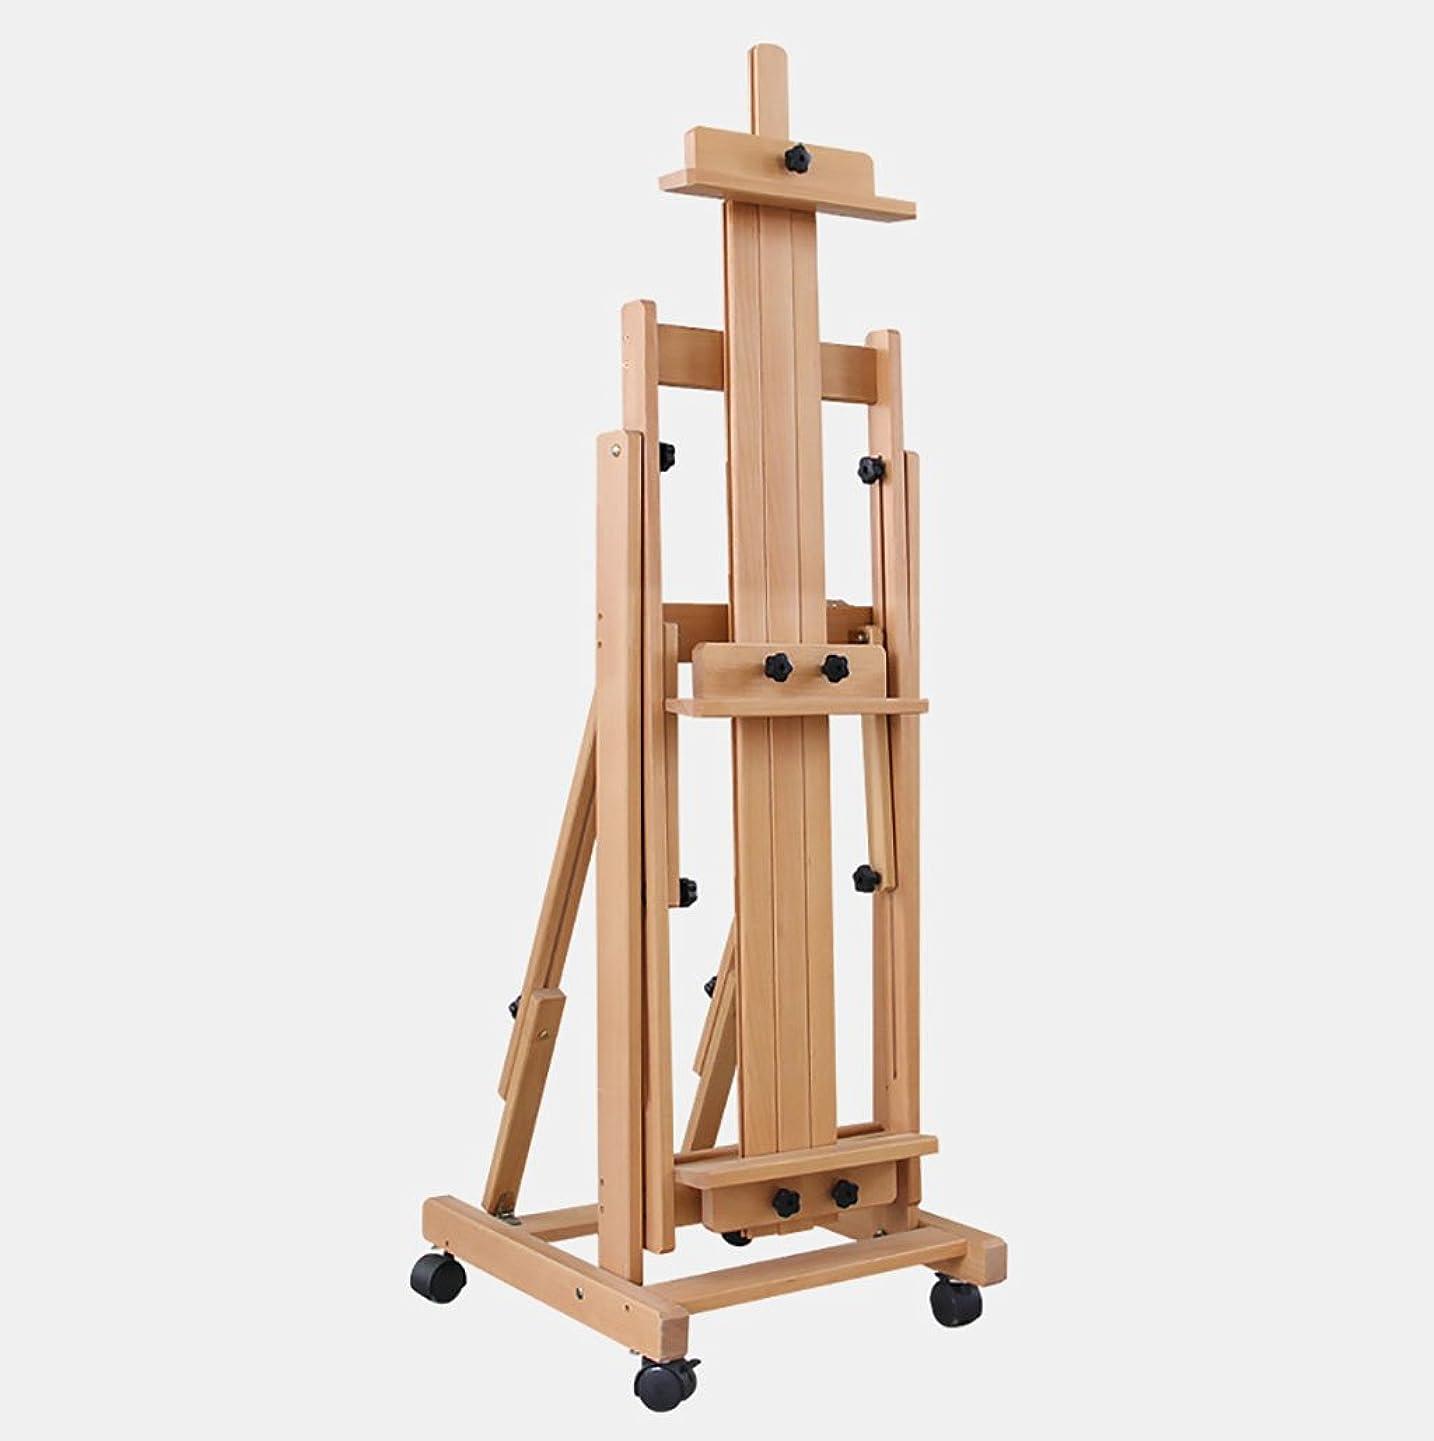 光沢雹破滅的な塗装イーゼル 木製の大きなイーゼル木製の水平と垂直の多目的四輪木製イーゼル (Size : 55*57*162-260cm)